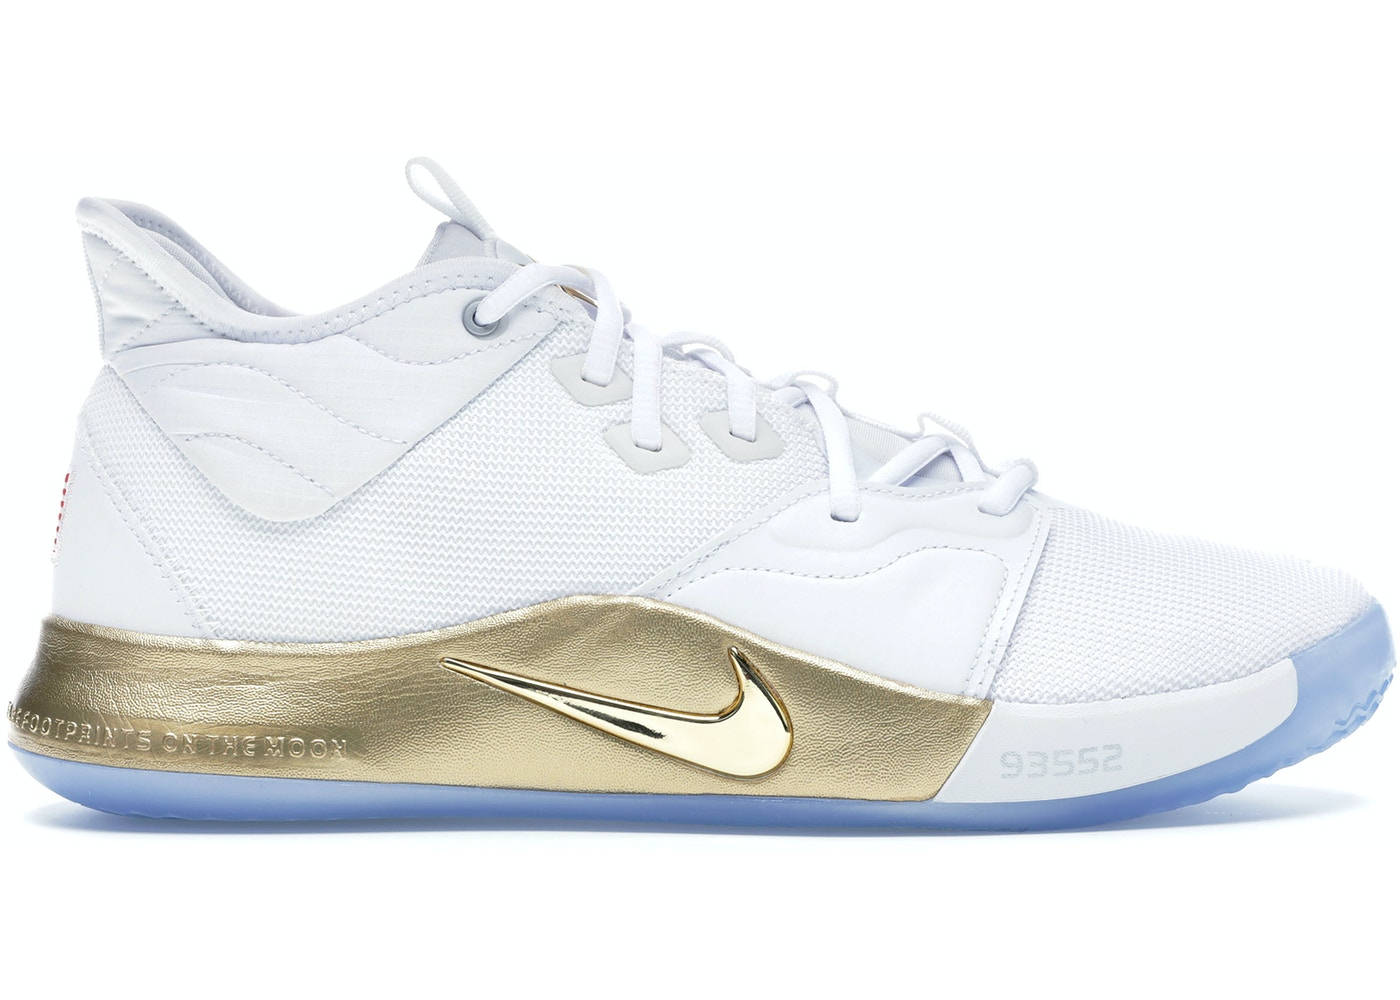 ultima selezione del 2019 scarpe autunnali scarpe classiche Nike PG 3 NASA White - CI2666-100/CI2667-100